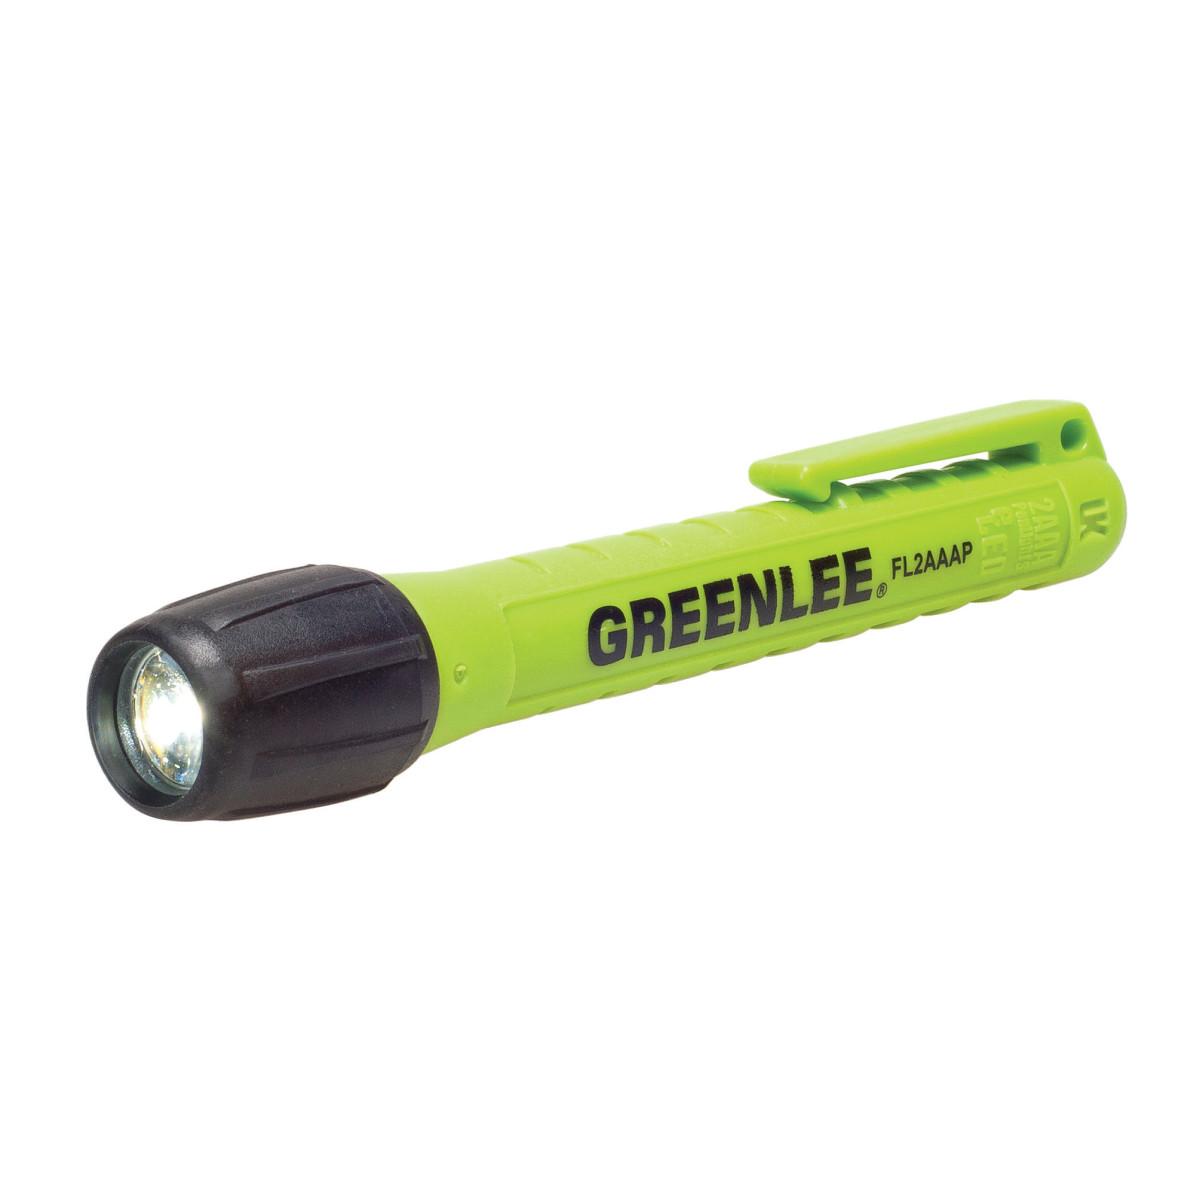 Greenlee®FL2AAAP